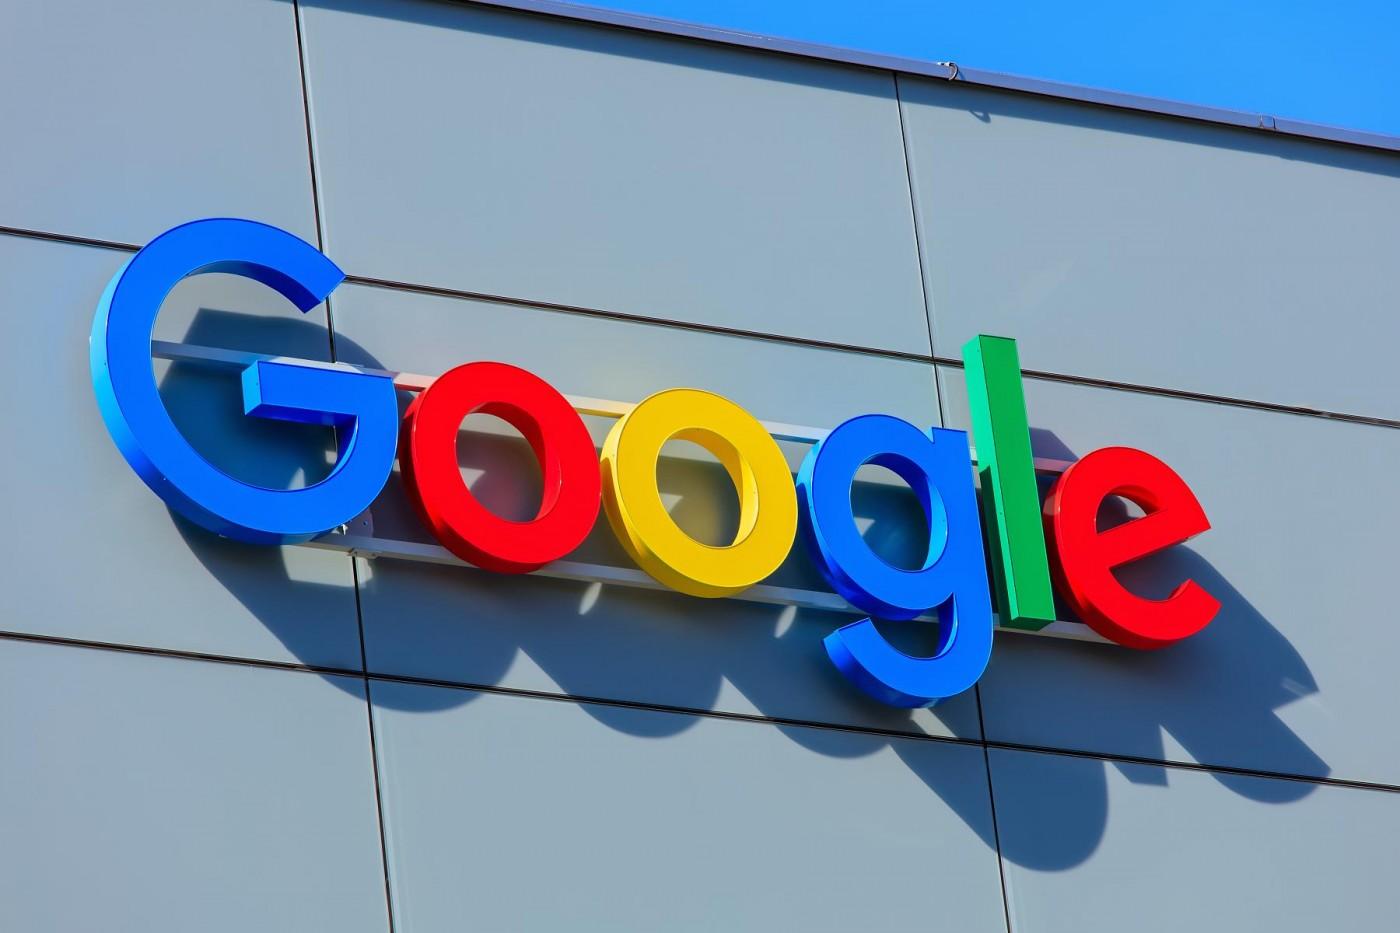 歐盟祭出破紀錄罰金24.2億歐元,Google不服提起上訴